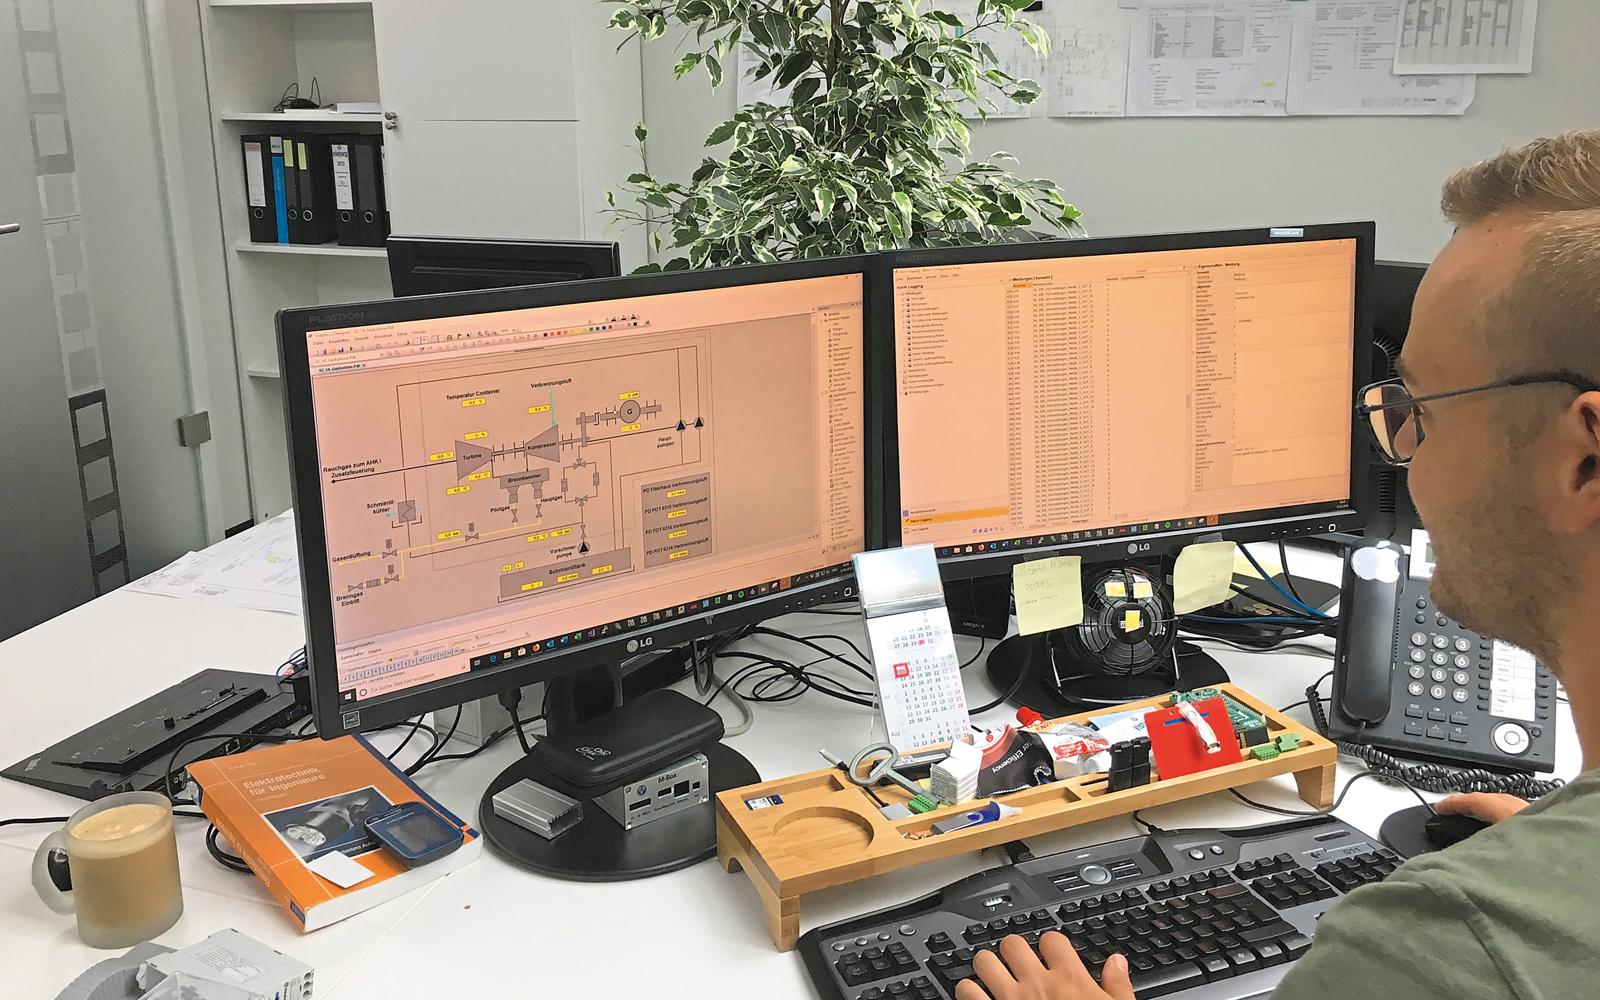 Am Monitor können die Vistera-Mitarbeiter Anlagen kontrollieren und steuern – per Fernzugriff.